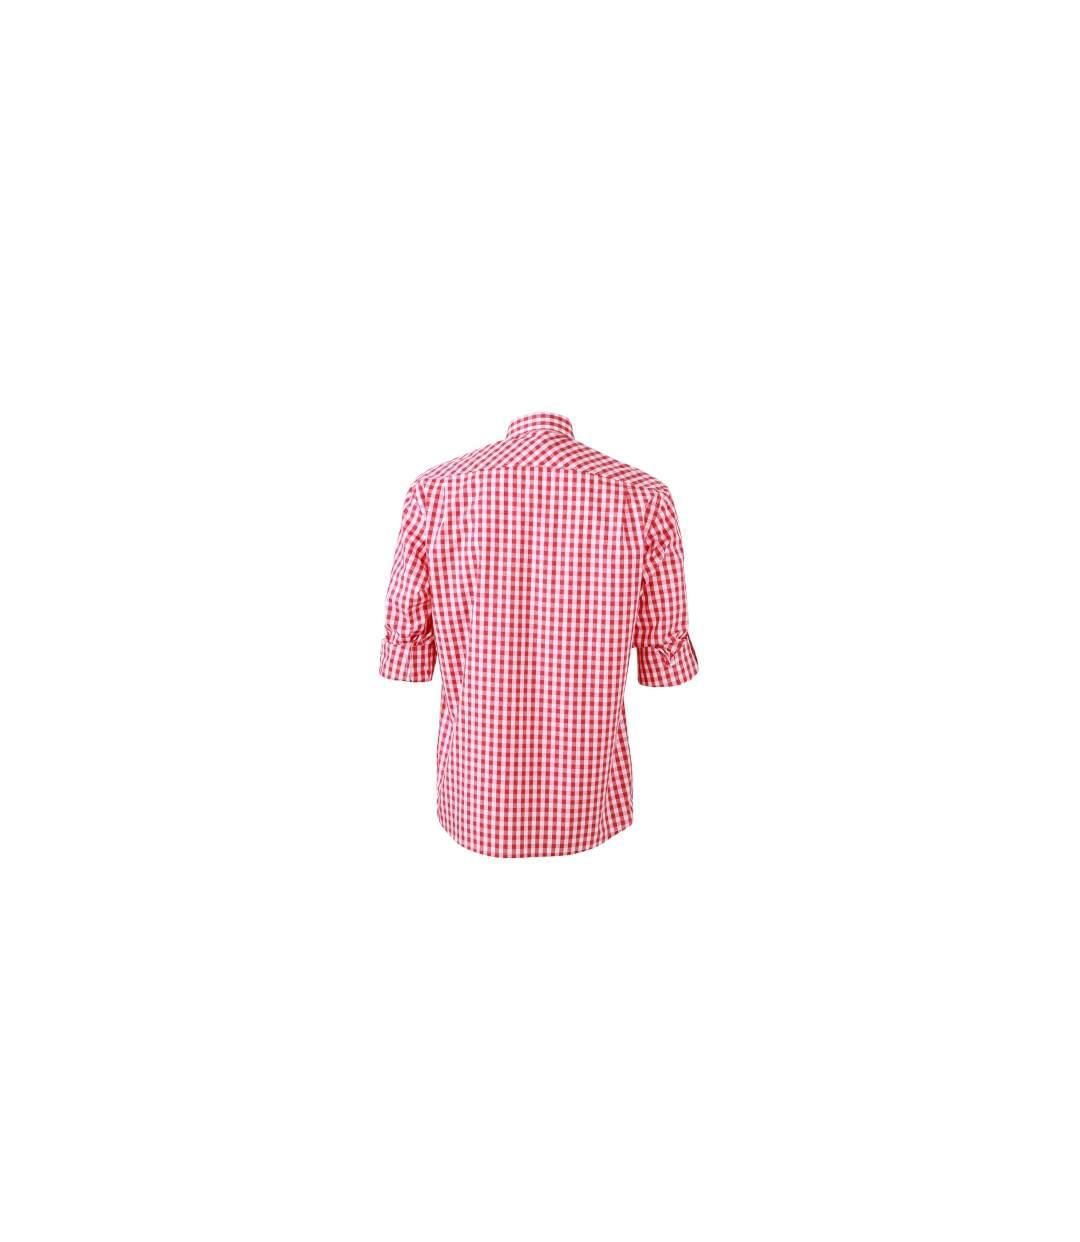 chemise manches longues à carreaux - JN638 - HOMME - rouge et blanc